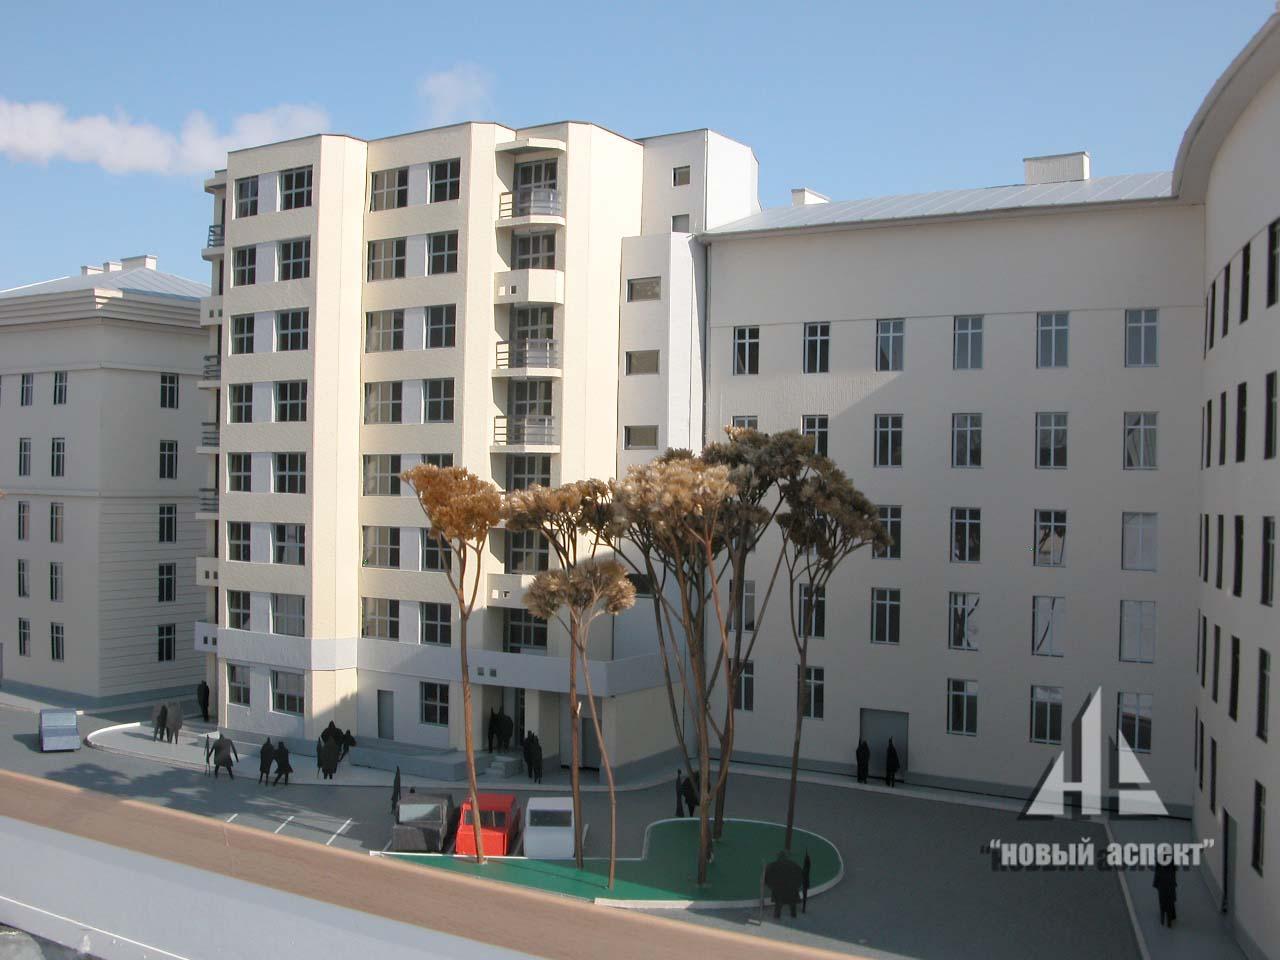 Макеты жилых домов и комплексов 3